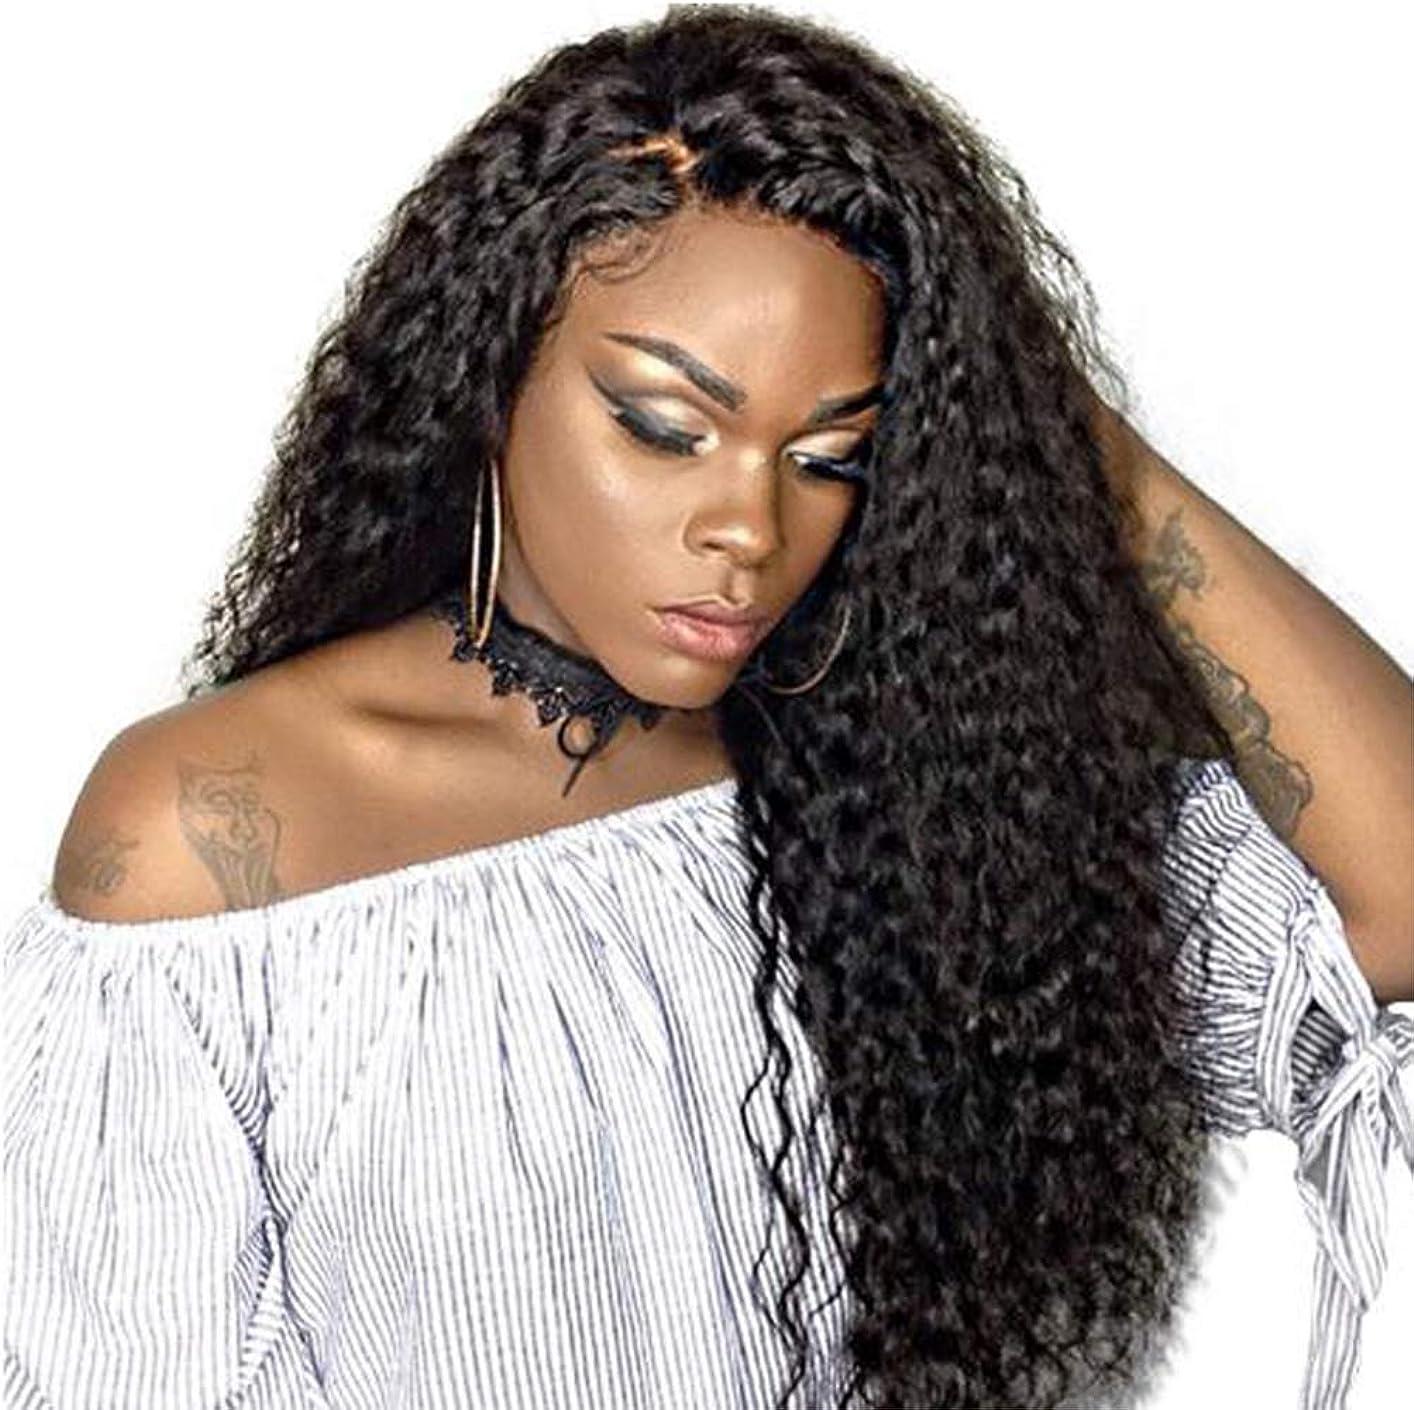 煙上回る利得女性かつら150%密度波状の長い巻き毛の合成耐熱繊維の毛